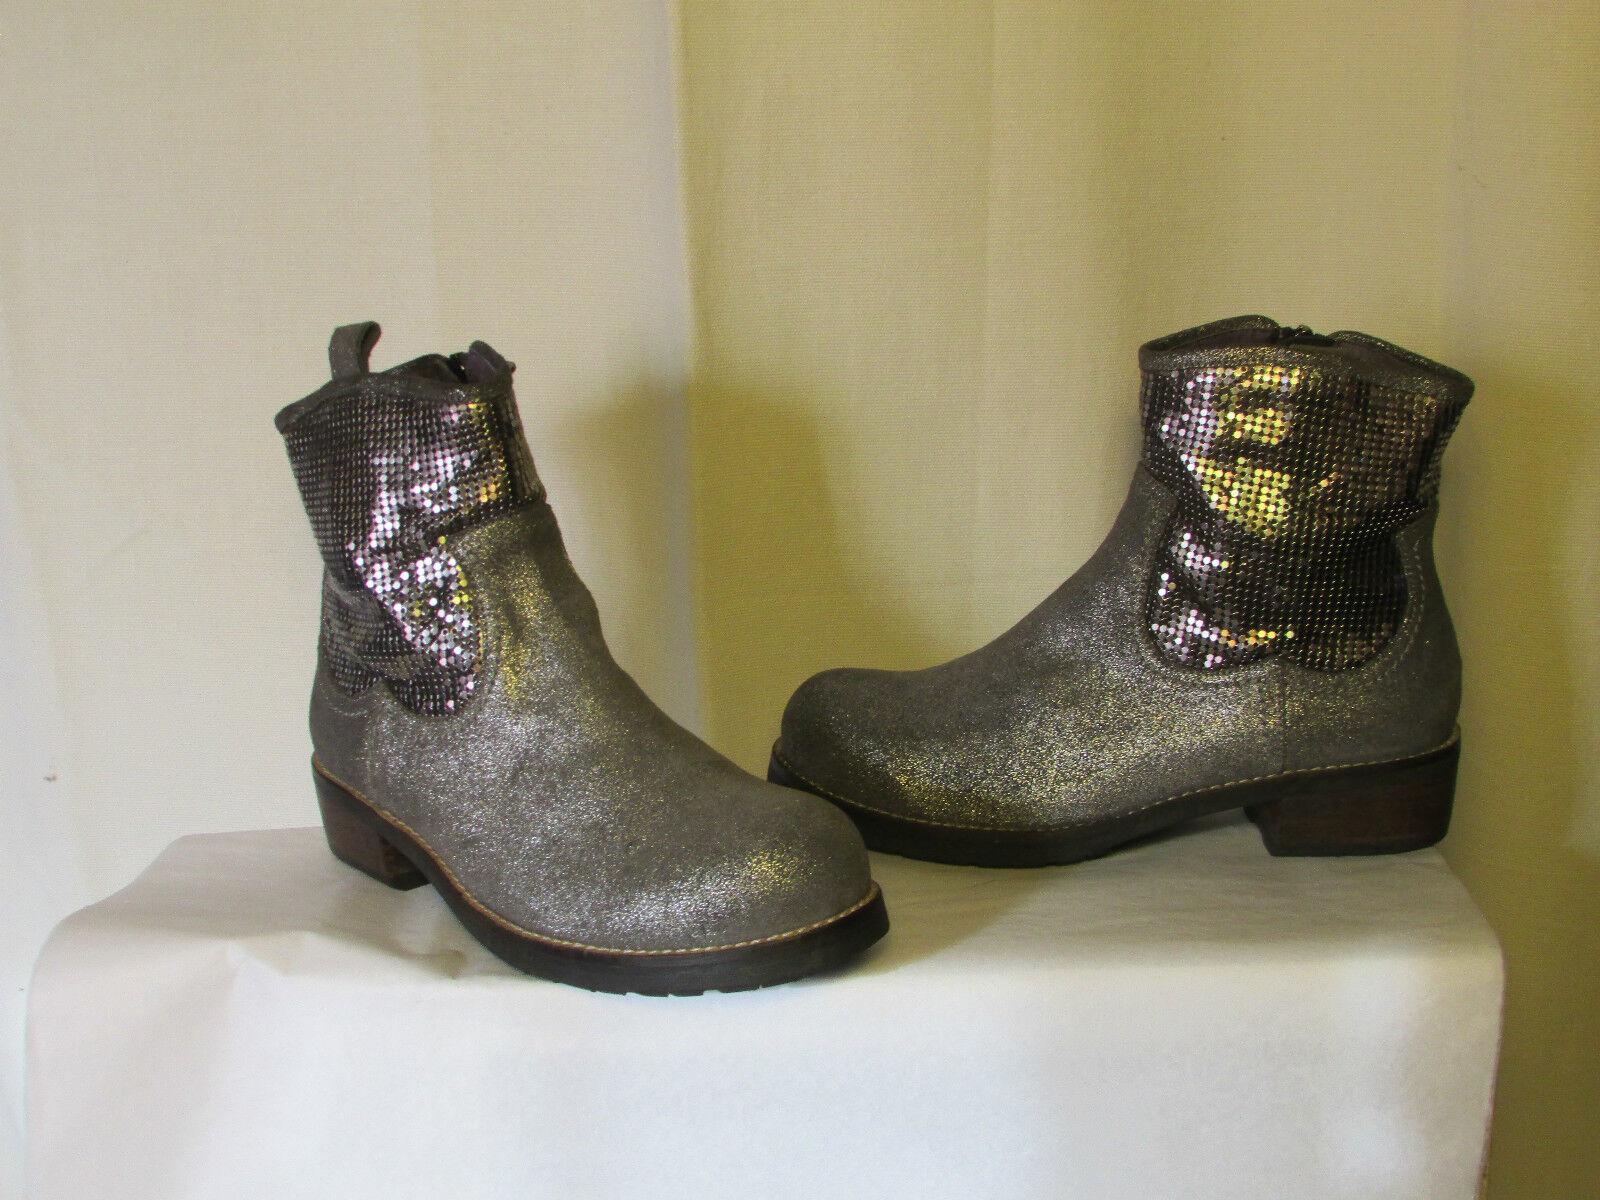 Zapatos especiales con descuento boots/bottines couleur pourpre daim gris métallisé et métal 39